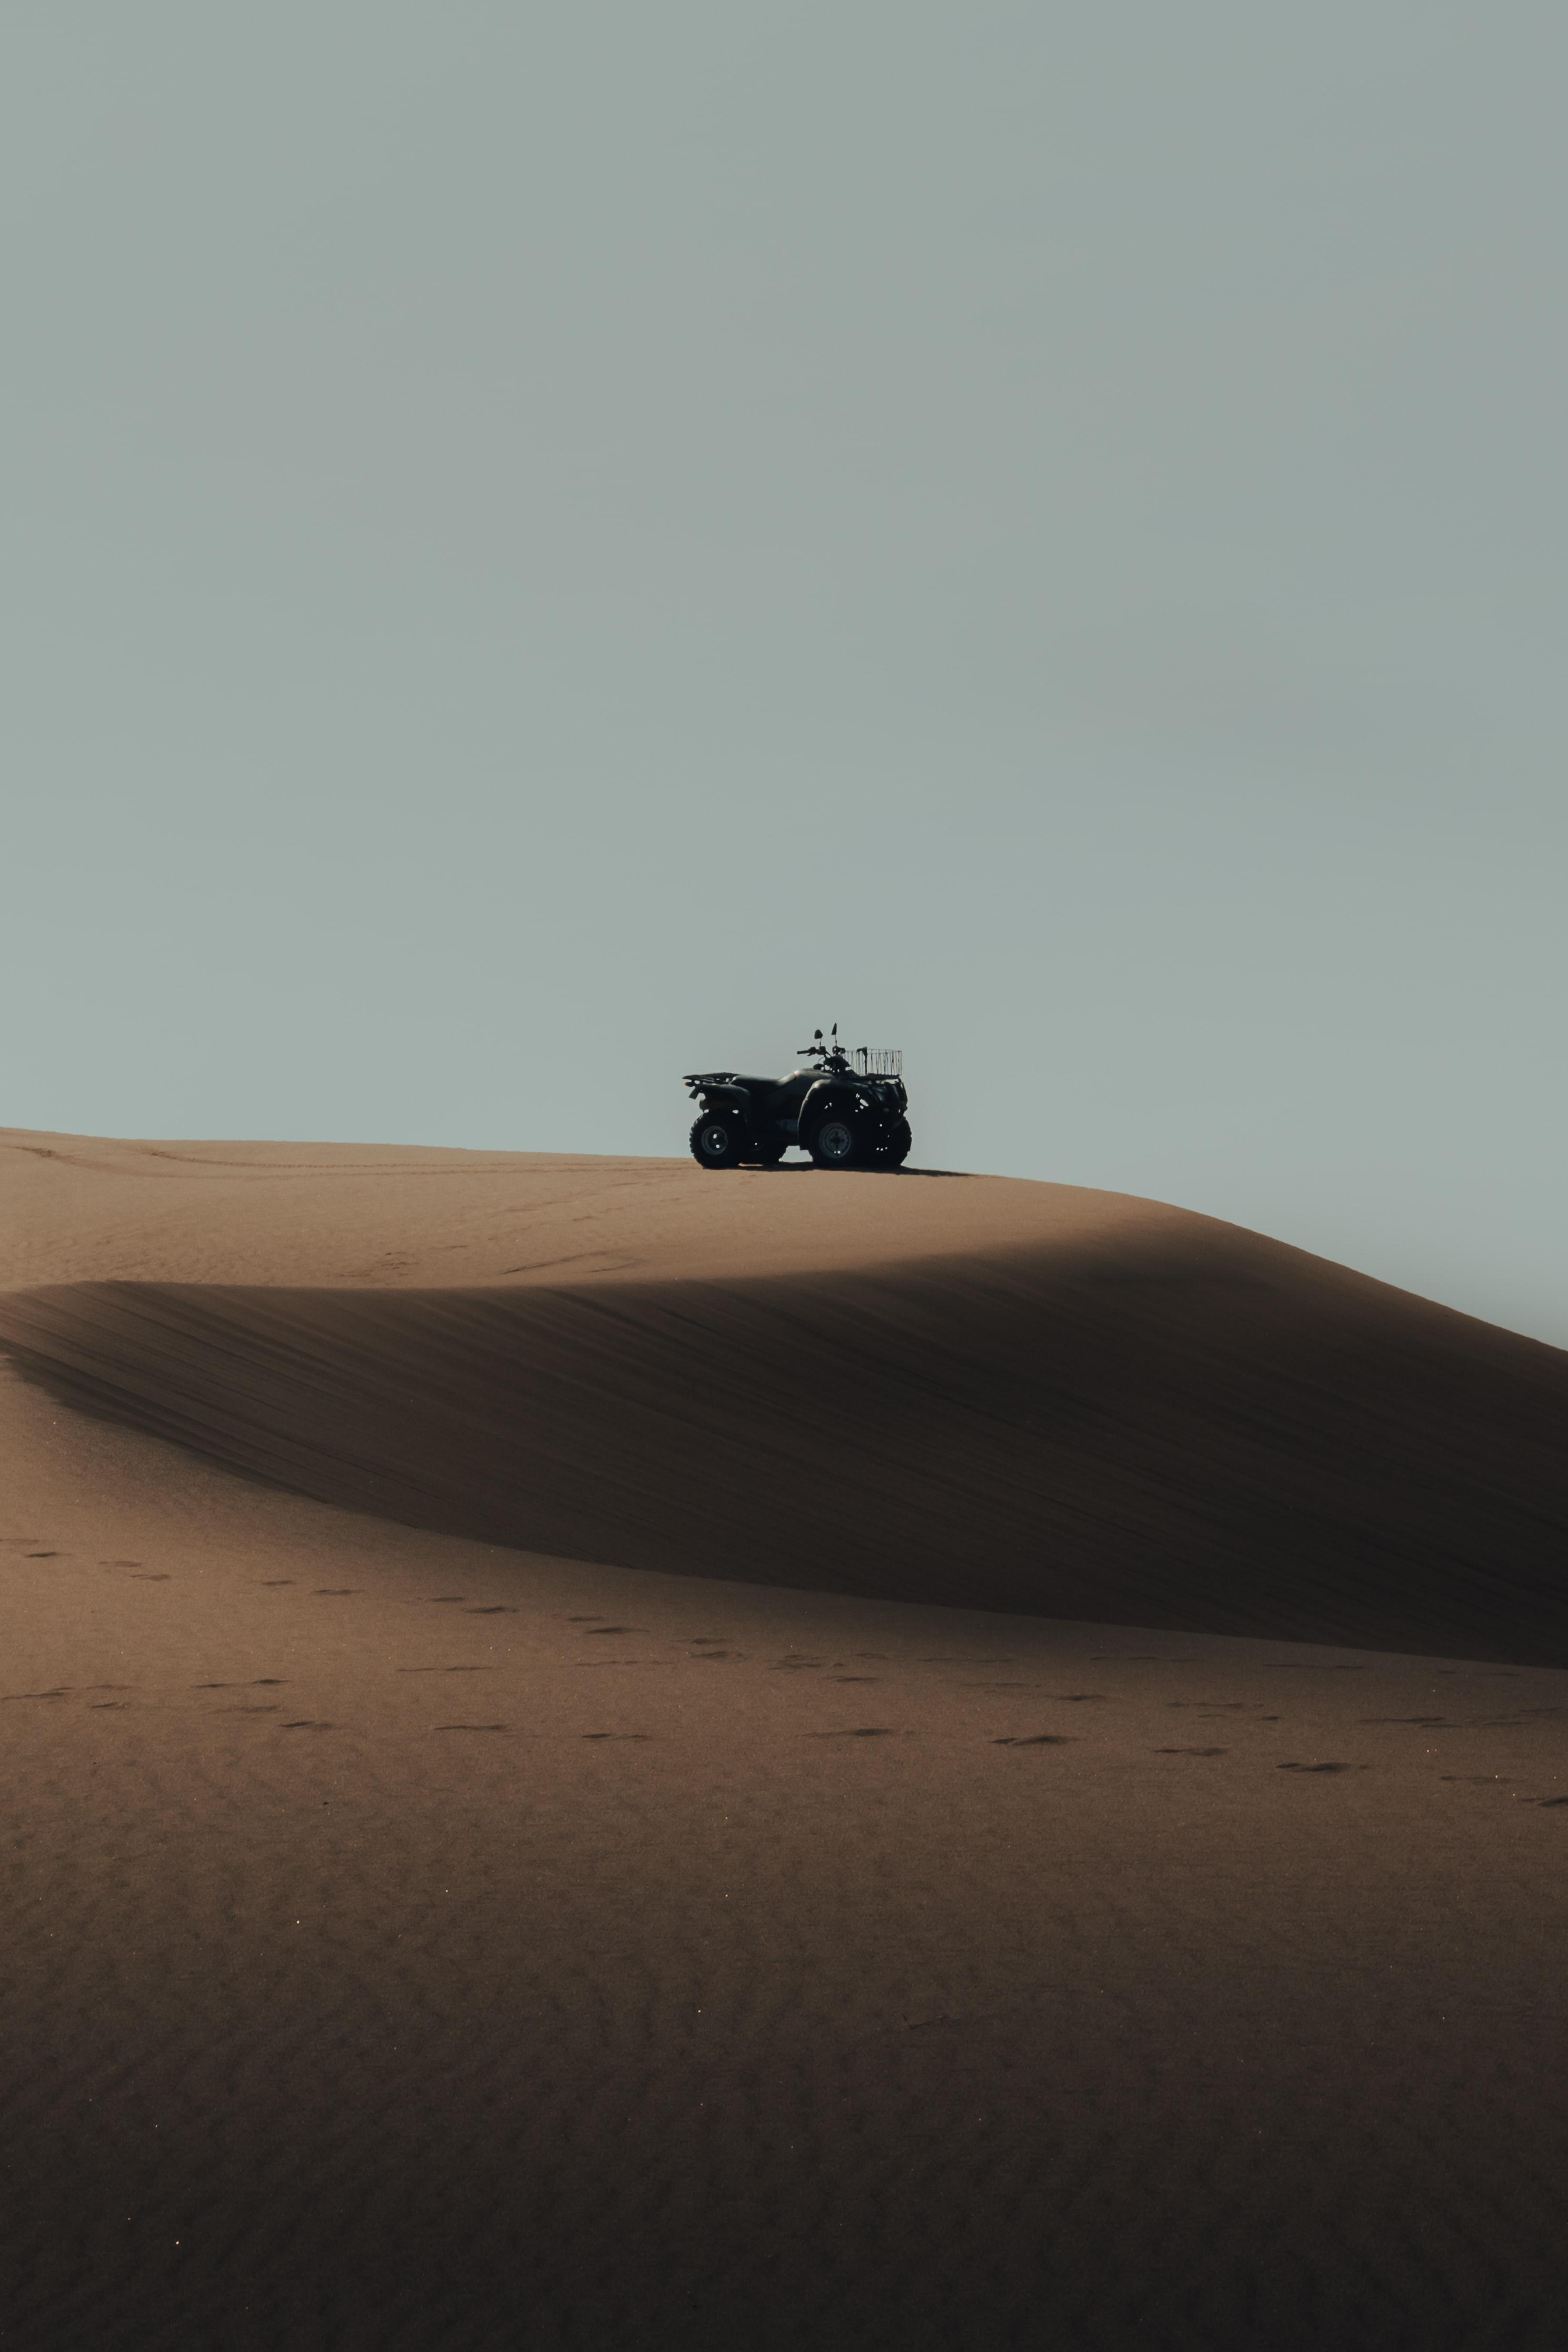 73335 скачать обои Мотоциклы, Квадроцикл, Песок, Холм, Дюны, Пустыня - заставки и картинки бесплатно